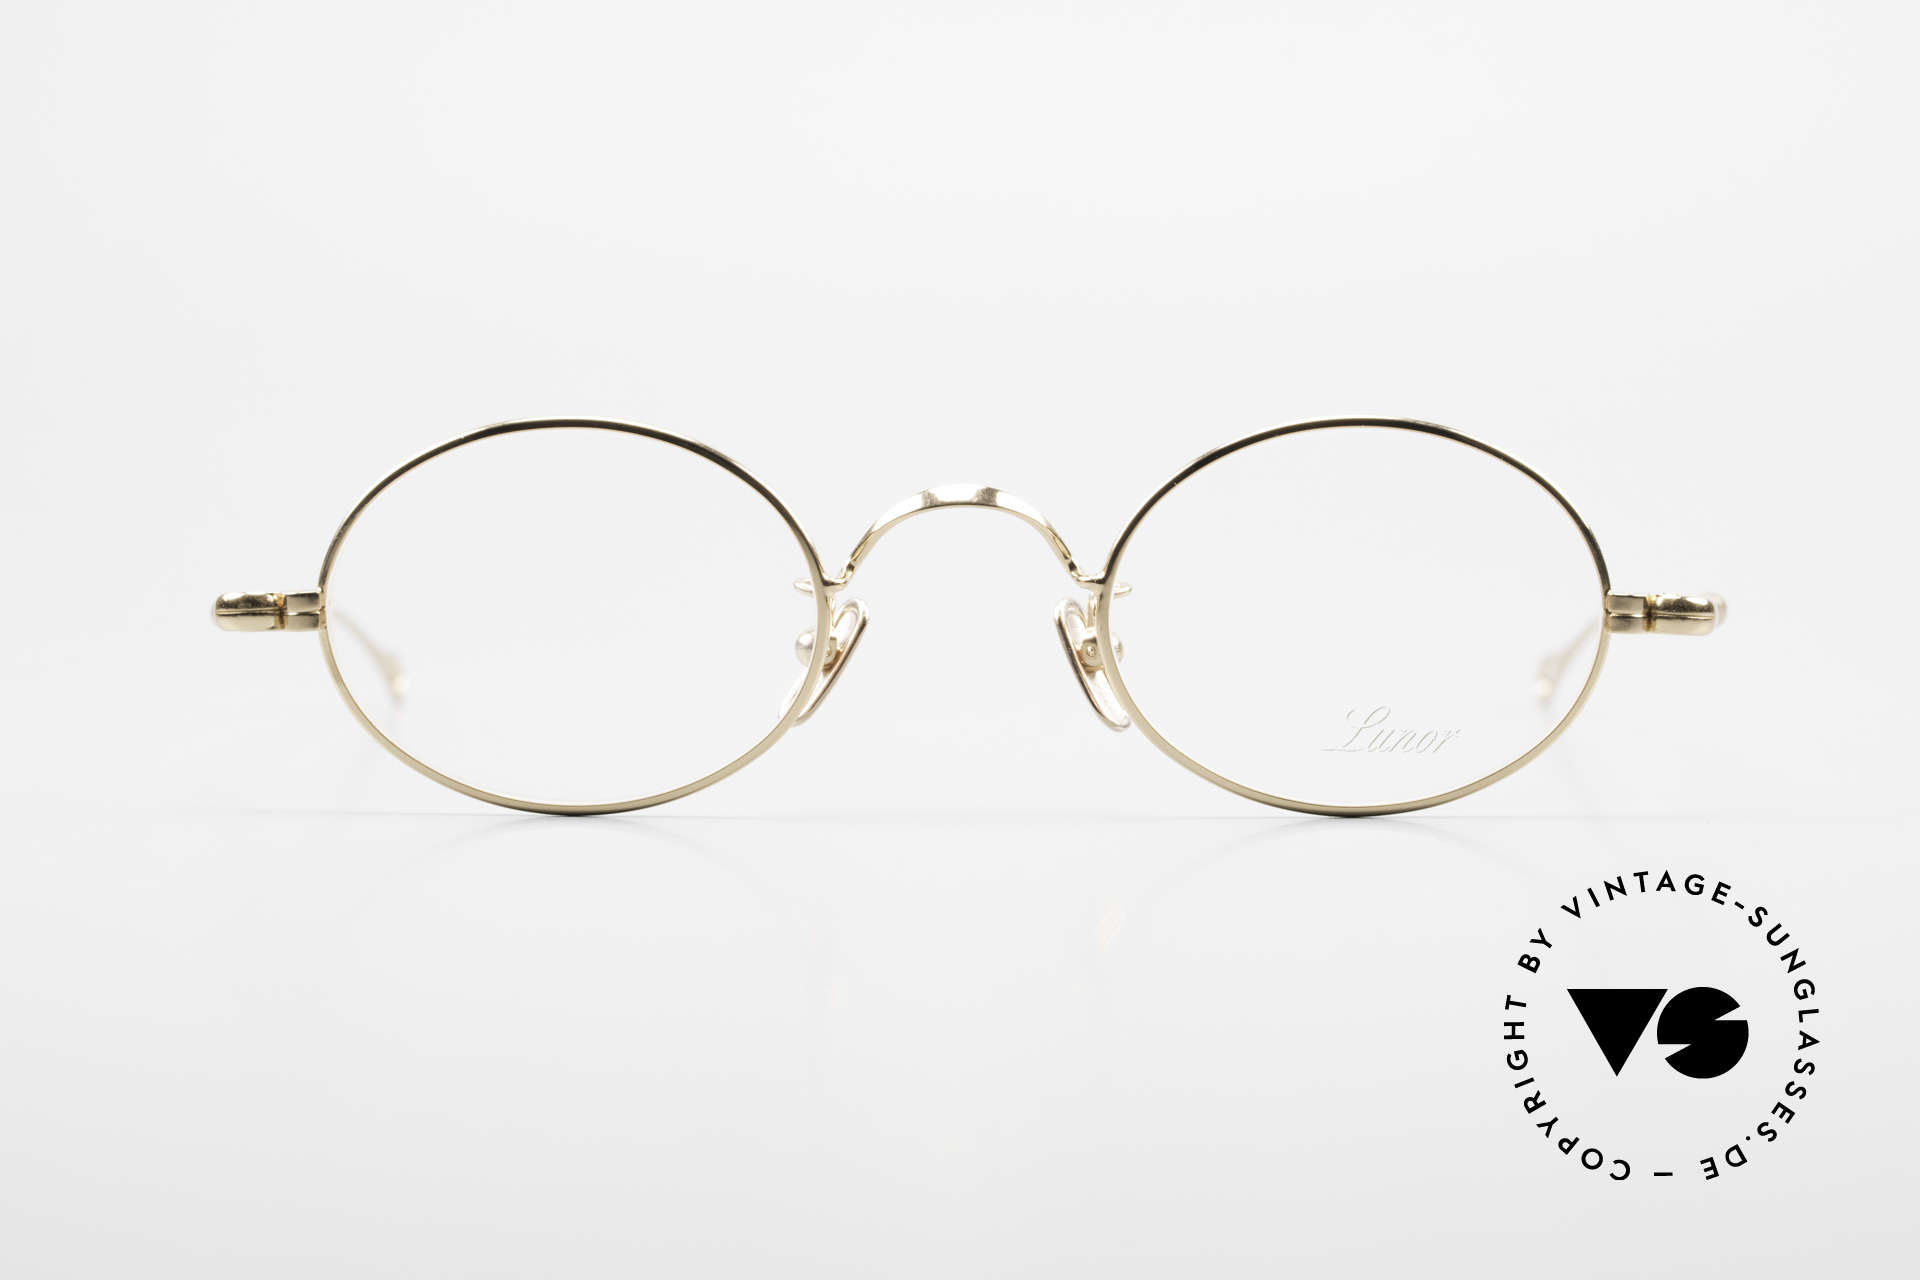 Lunor V 100 Ovale Brille 22kt Vergoldet, ohne große Logos; stattdessen mit zeitloser Eleganz, Passend für Herren und Damen